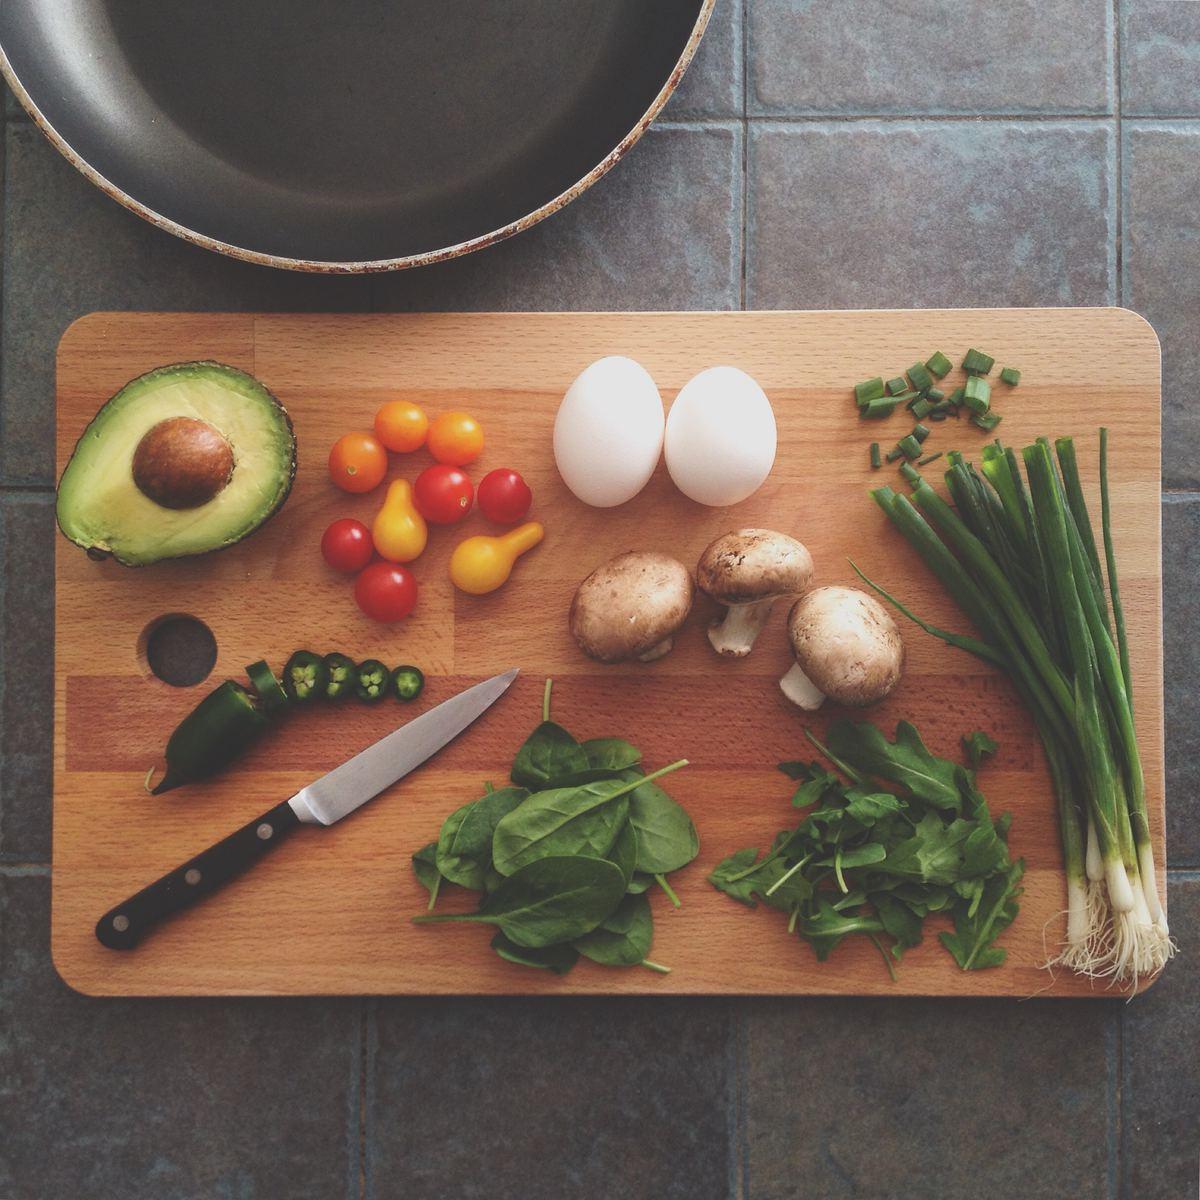 vegetarian shopping list - featured